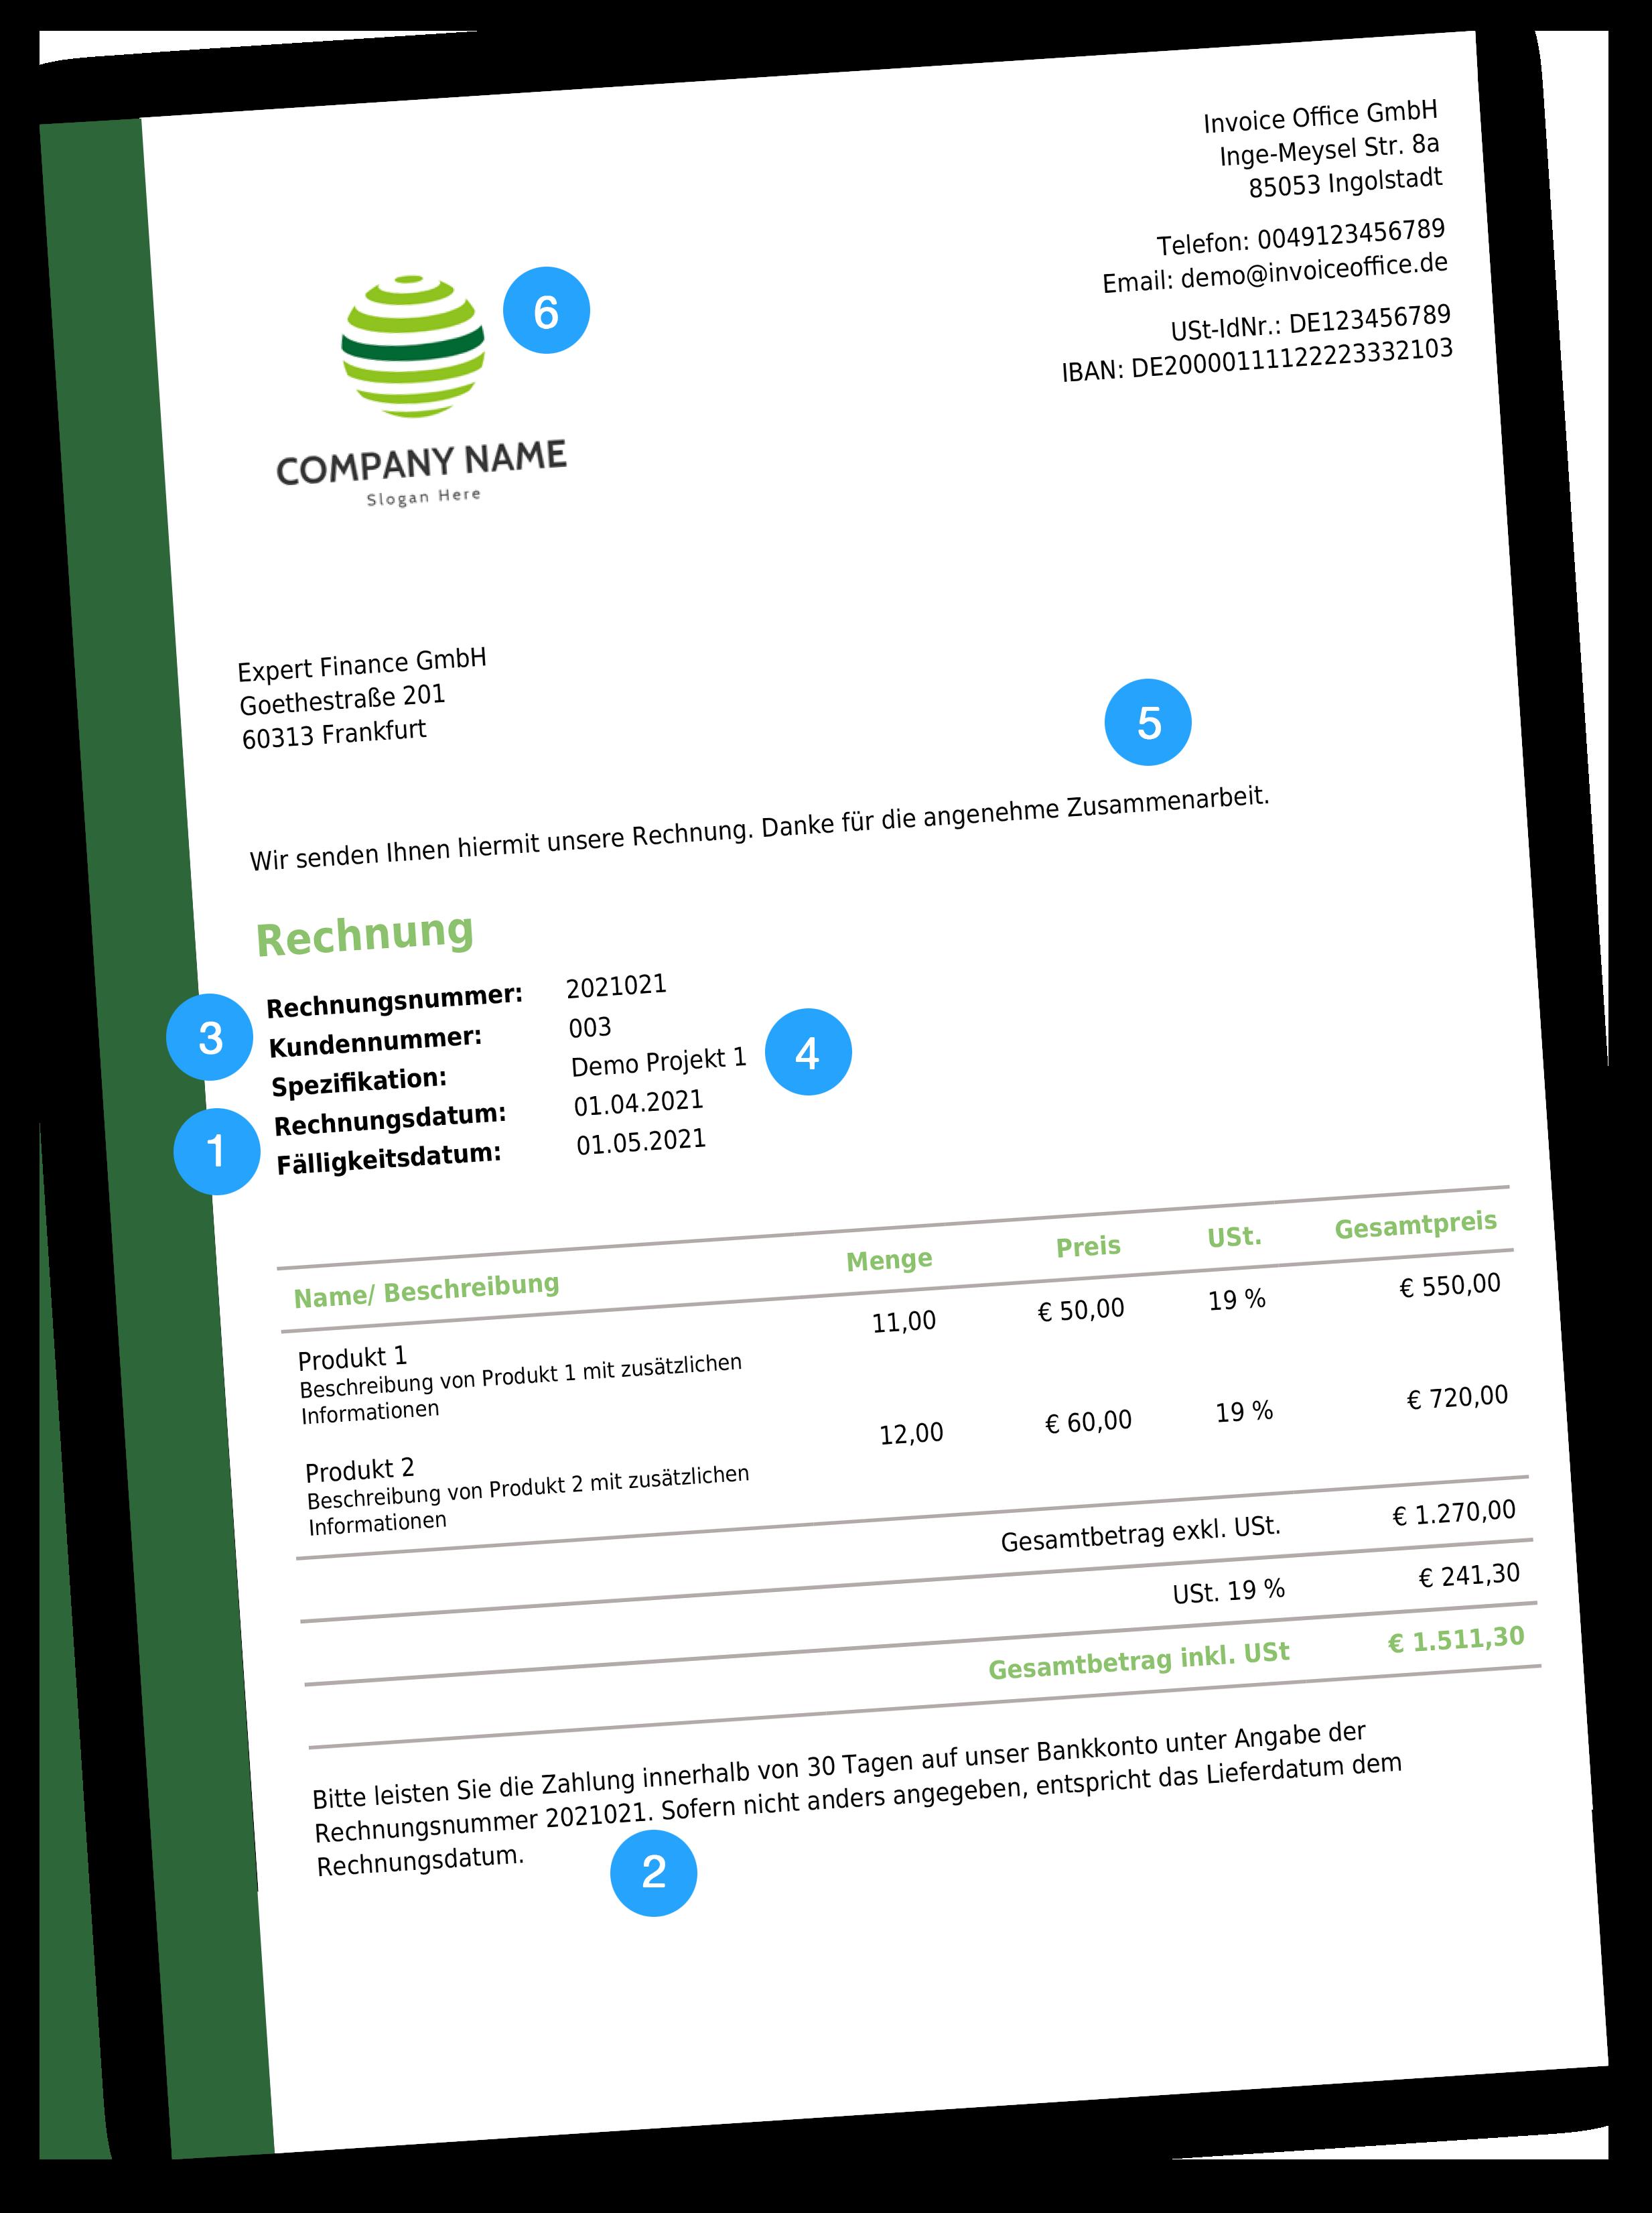 Empfohlene Rechnungsinformationen mit Invoice Office